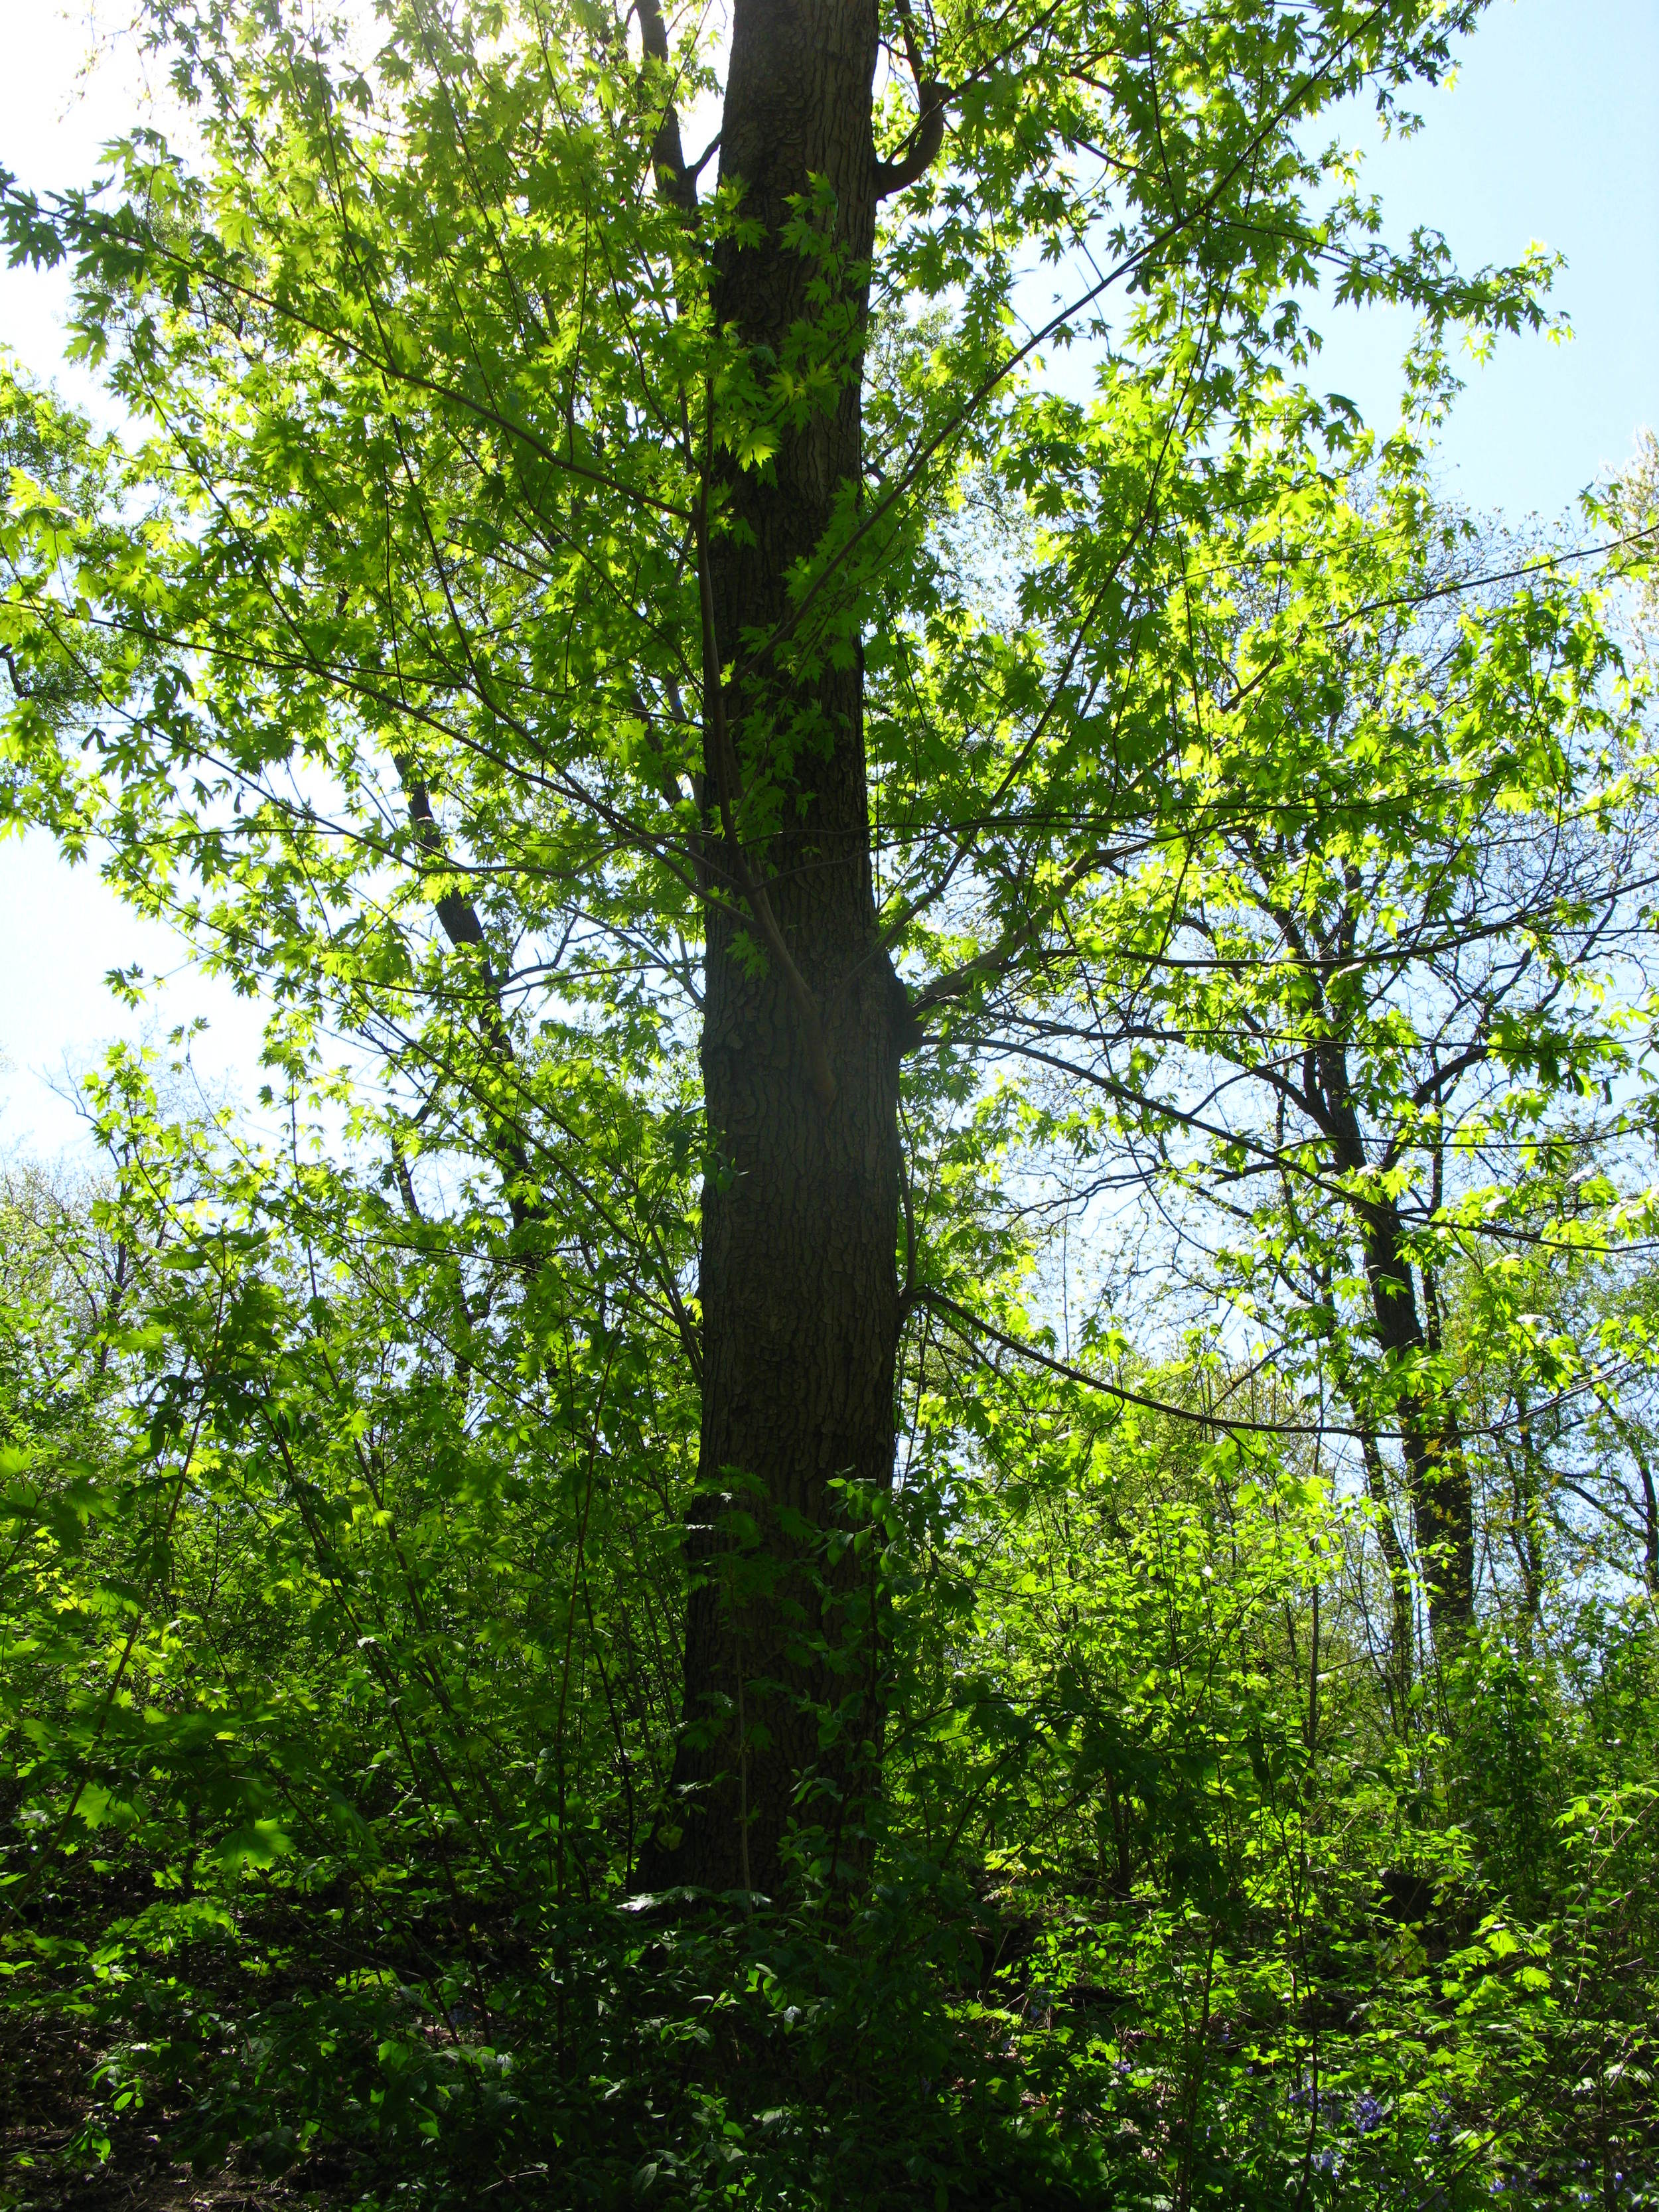 Acersaccharinum  Sapindaceae Silver maple